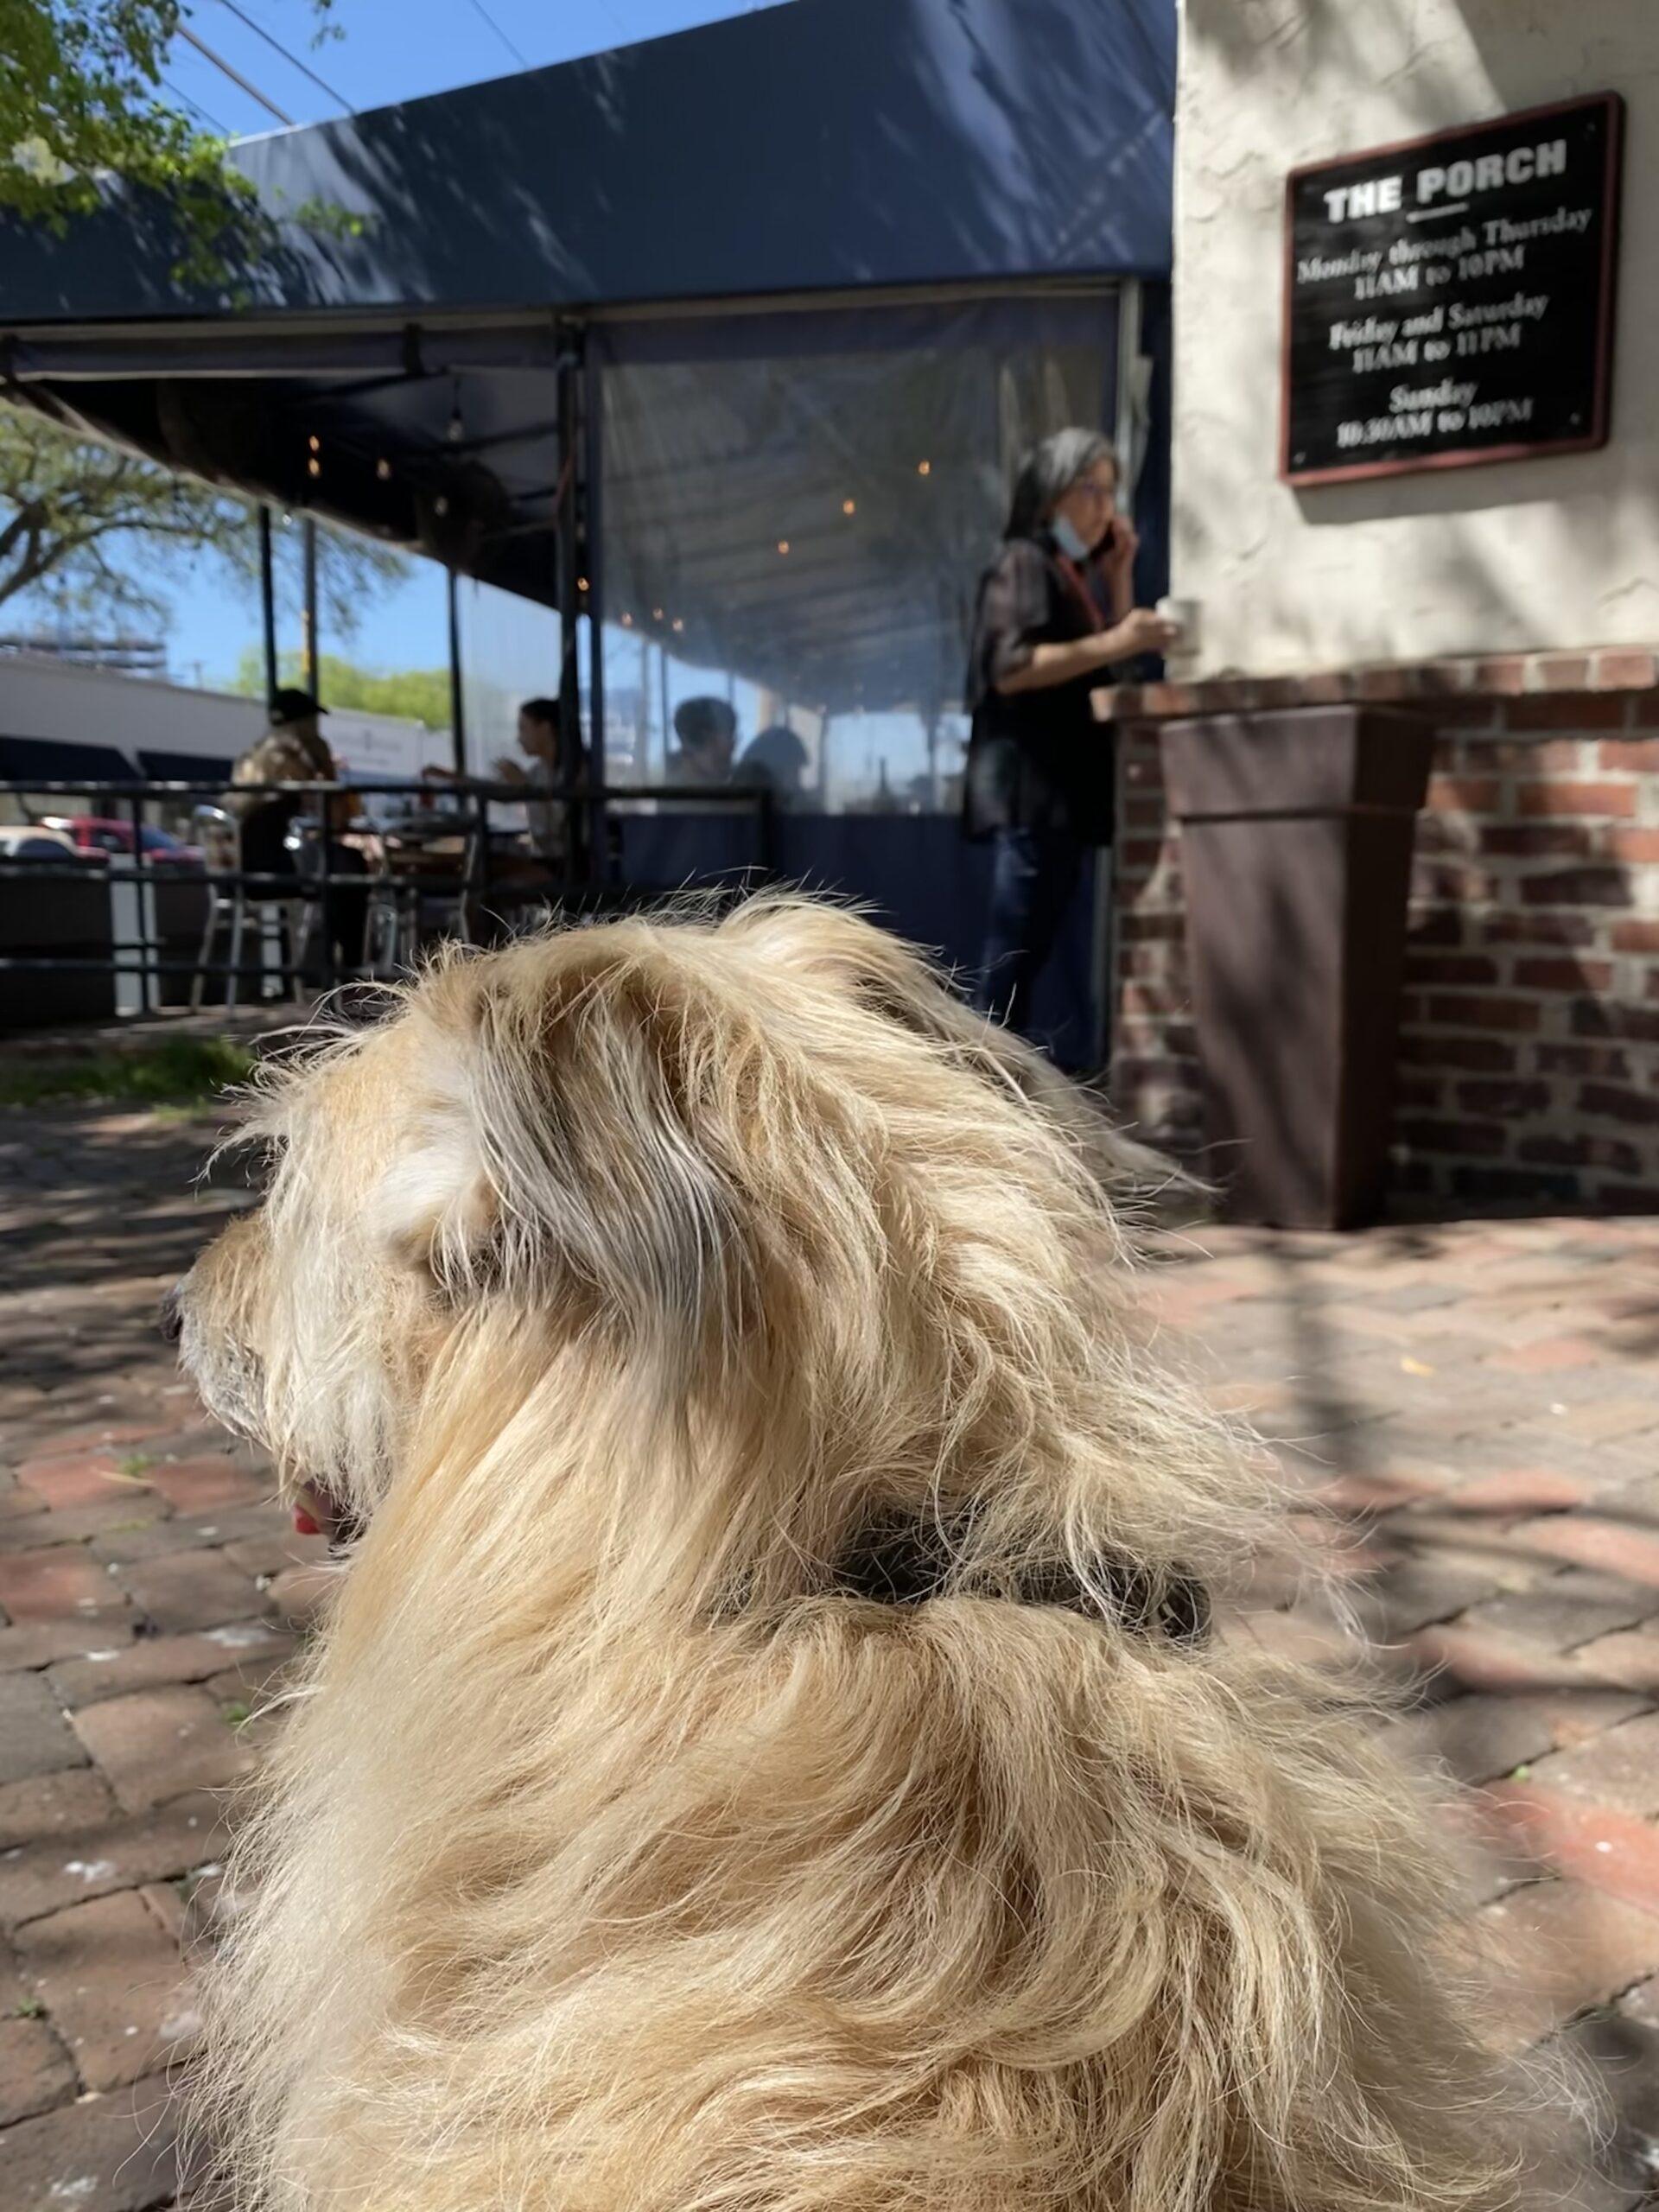 Dog outside restaurant